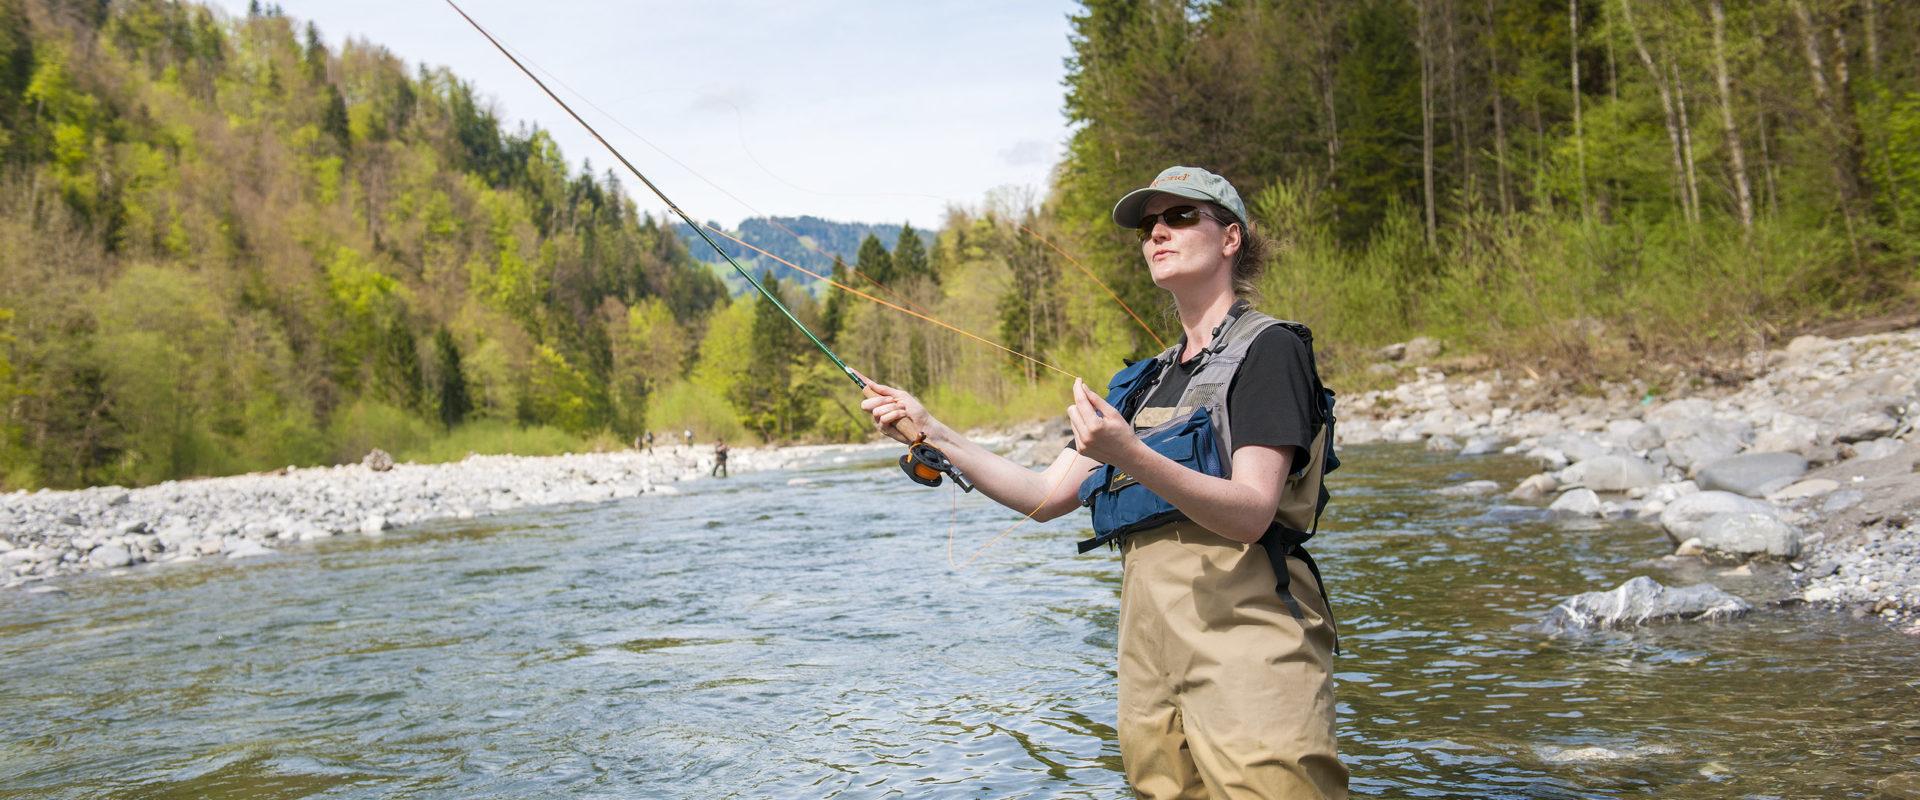 Fliegenfischen im Bregenzerwald © Michael Namberger undefined